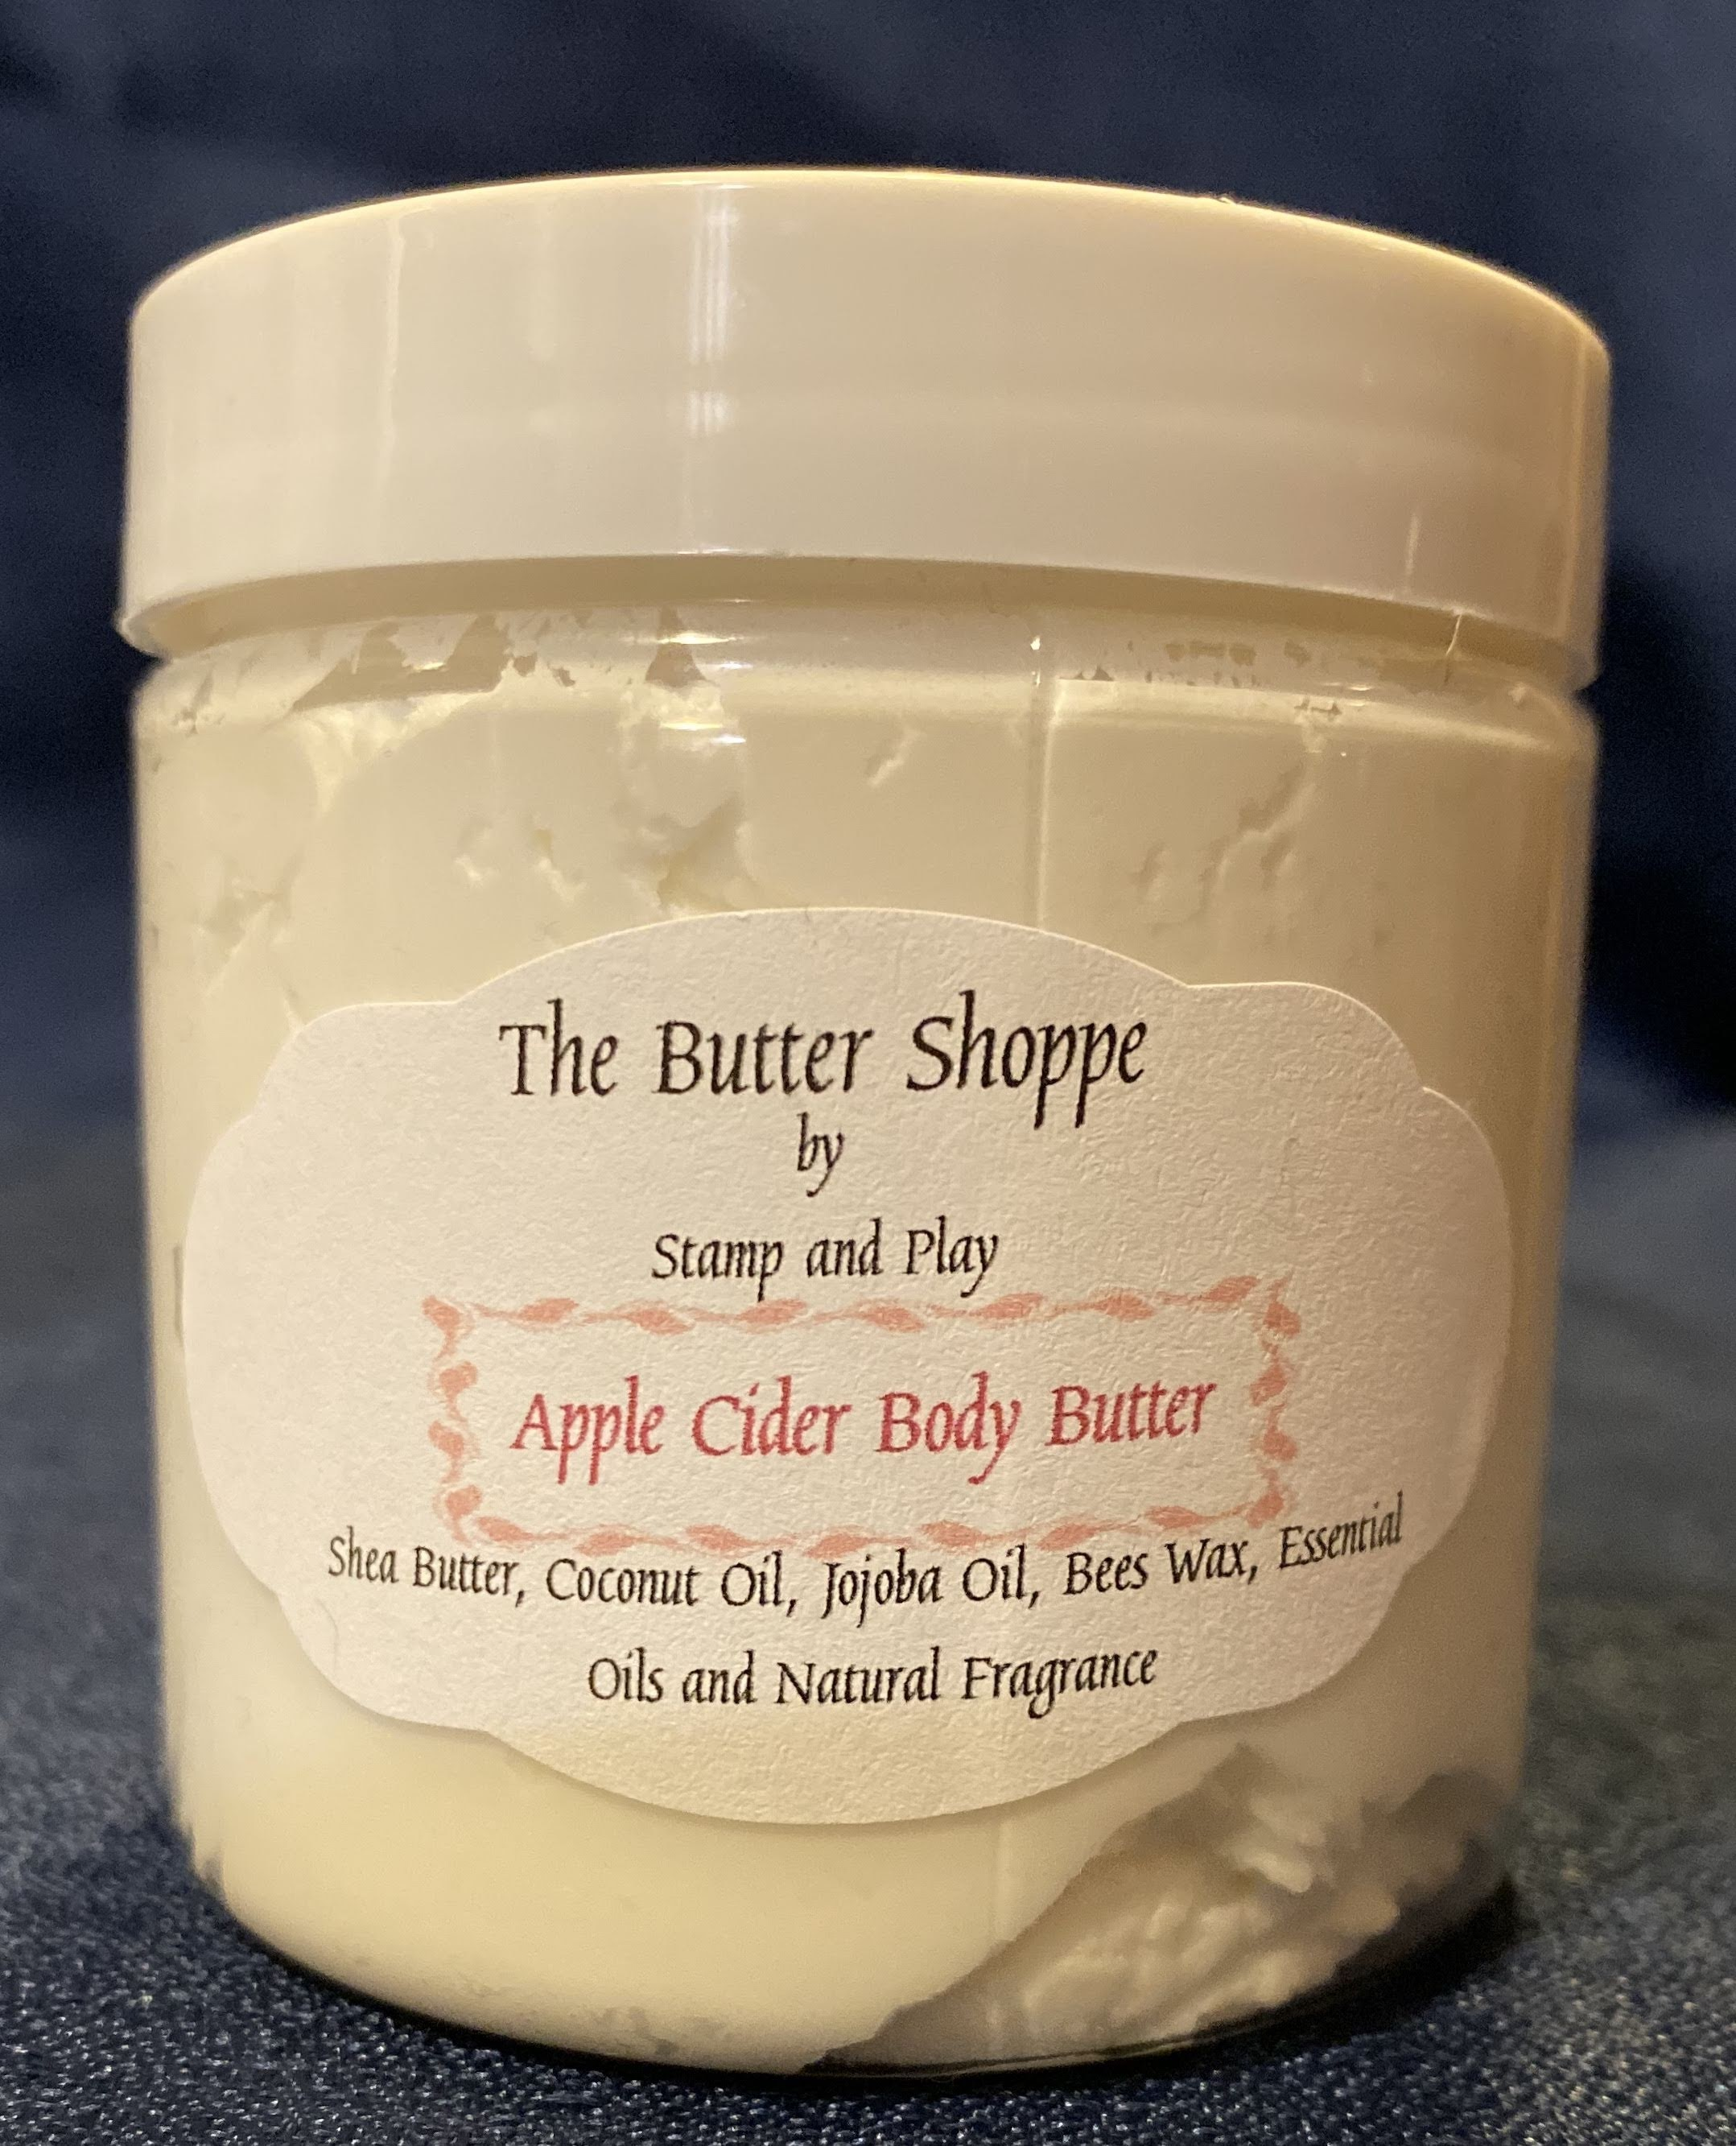 Apple Cider Butter